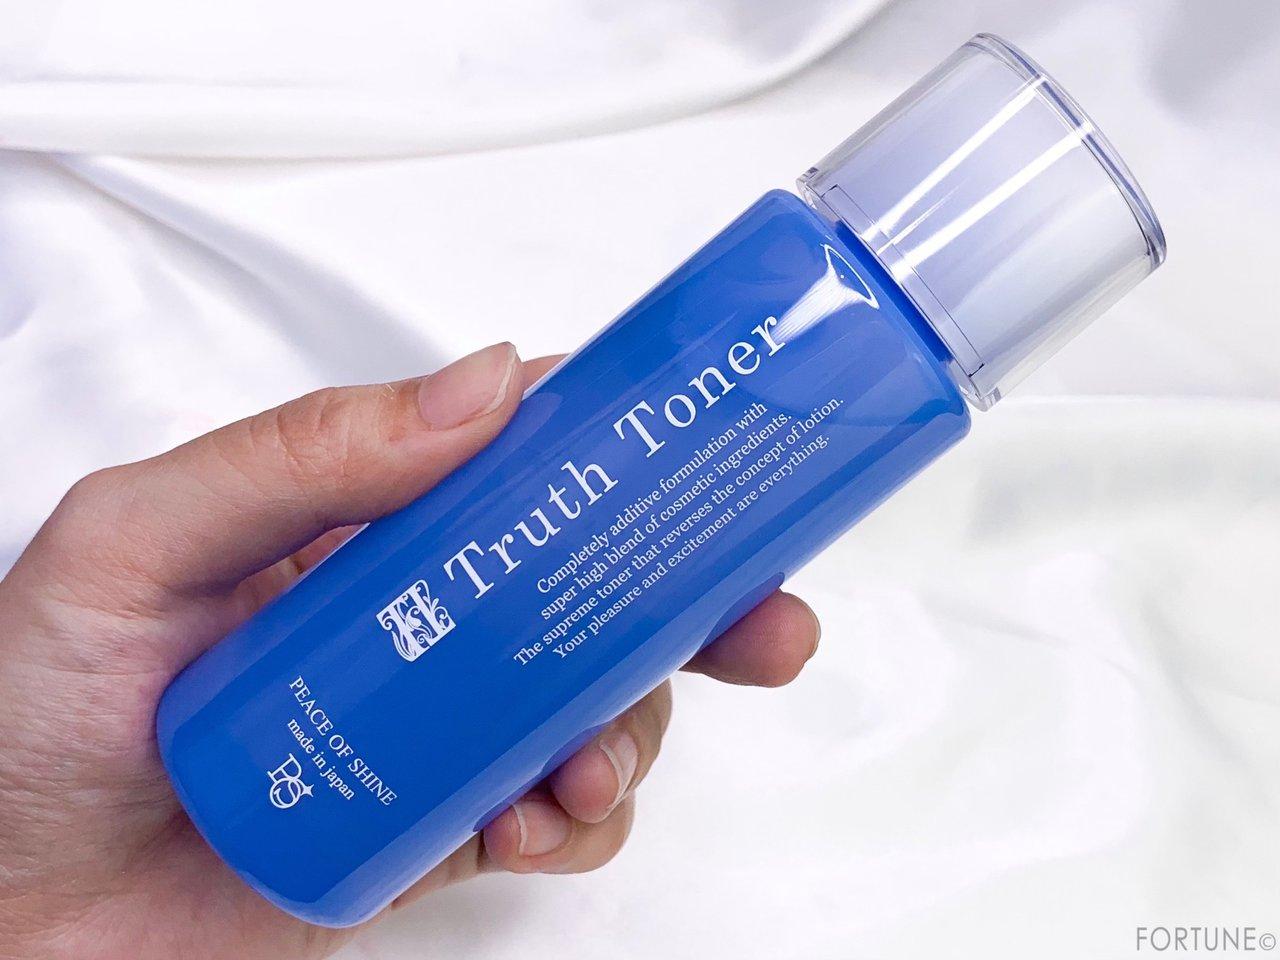 ピースオブシャイン 無添加美容化粧水 トゥルーストナー